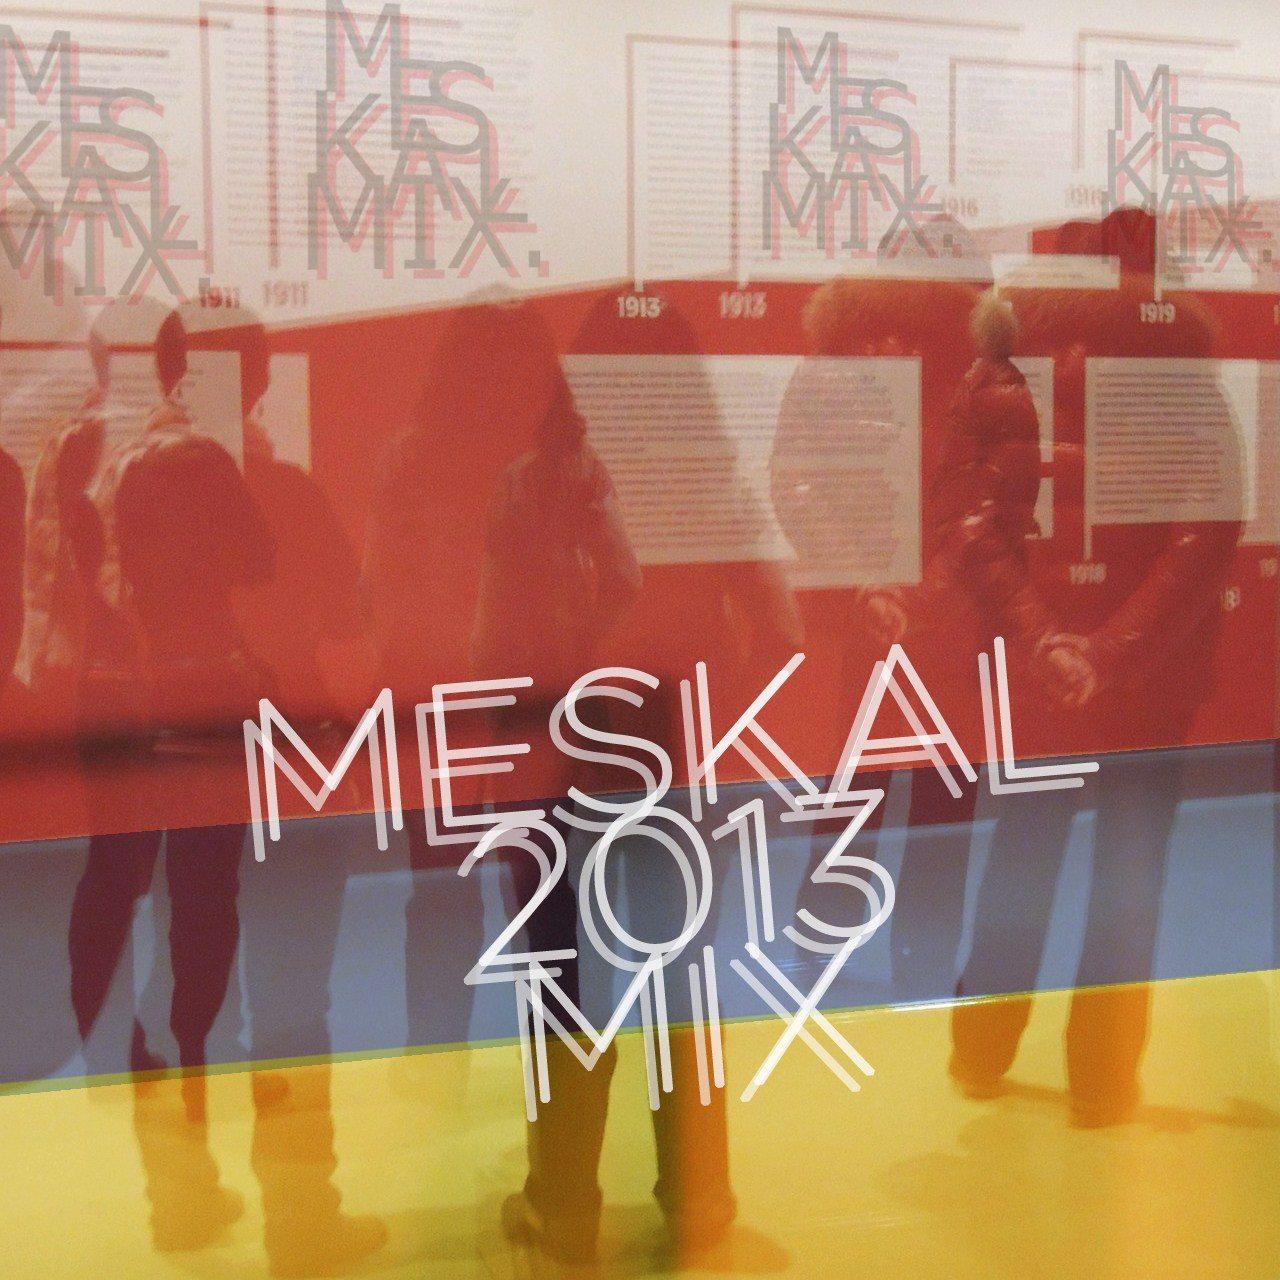 meskalive meskalmix mix mixtape